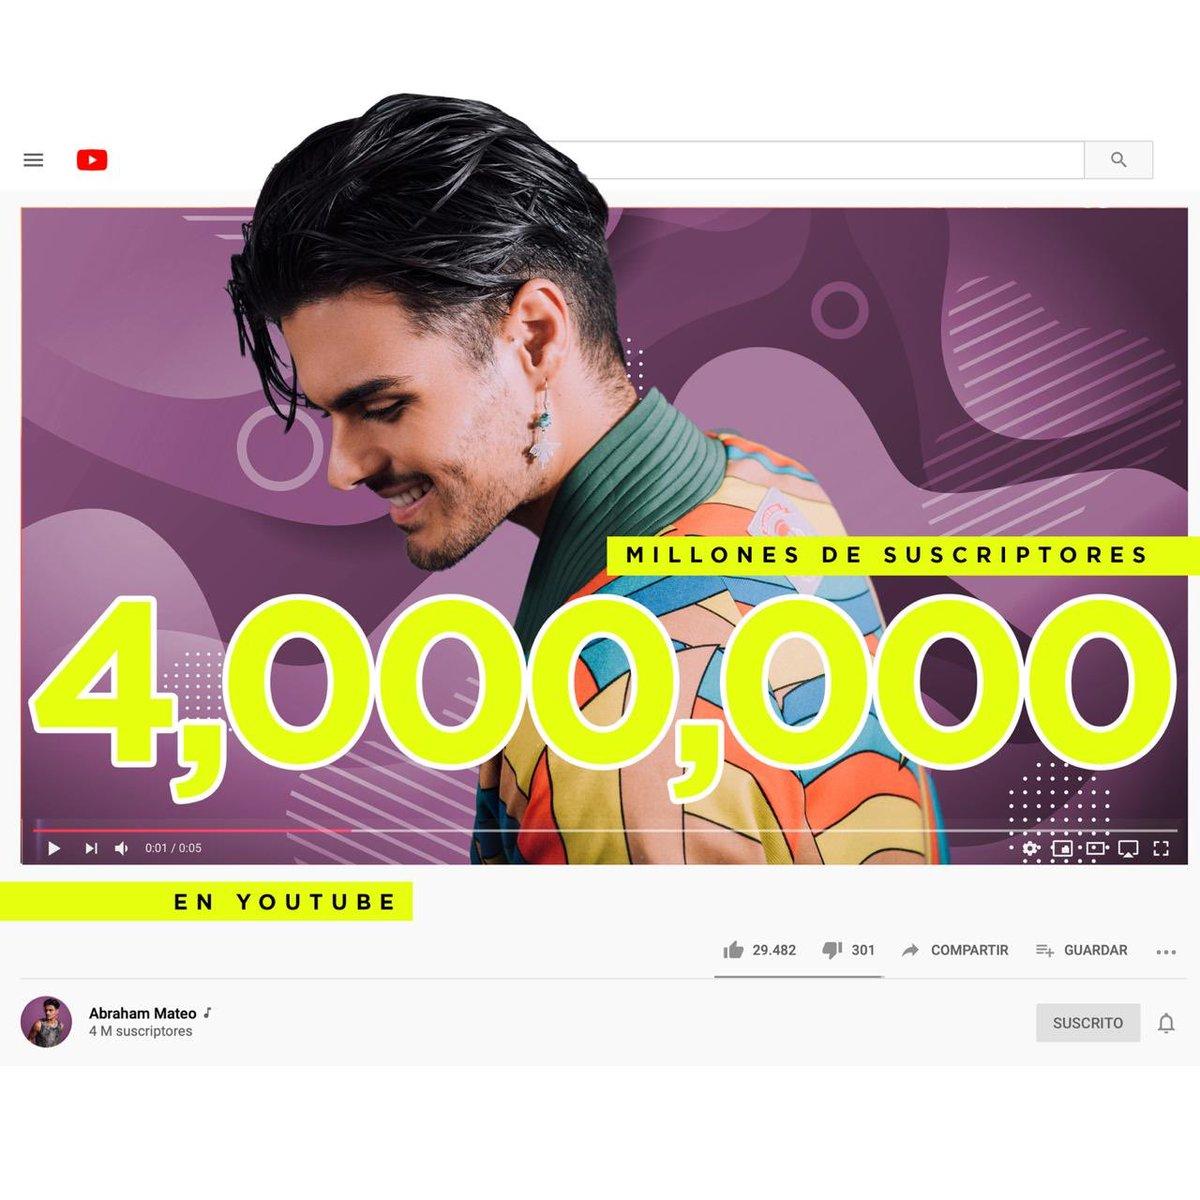 Ya somos más de 4 millones de suscriptores en @YouTube Gracias💜🙏🏼 https://t.co/CeBXVU7xCb https://t.co/Iw5CKN6MZi